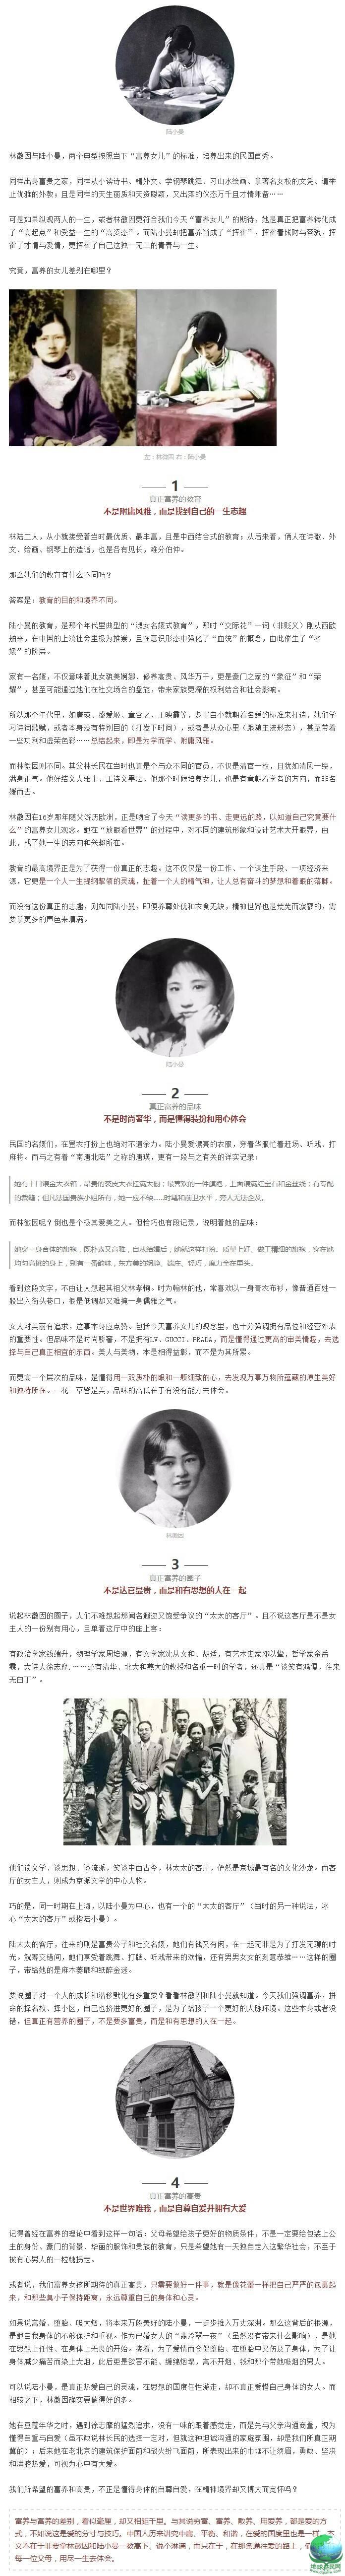 林徽因VS陆小曼,富养的女儿差别在哪里